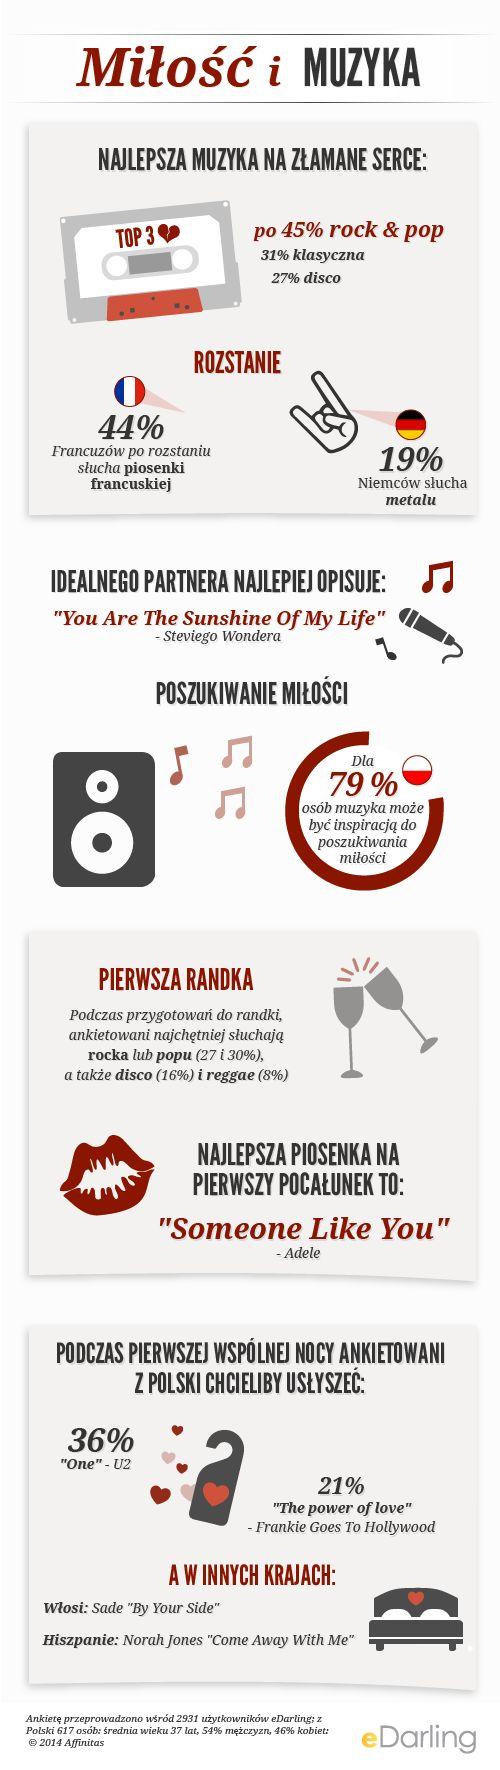 #infografika Miłość i muzyka - Najlepsza muzyka na złamane serce - Poszukiwanie miłości - Ankietę przeprowadzono wśród 2931 użytkowników eDarling; z Polski 617 osób: średnia wieku 37 lat, 54% mężczyzn, 46% kobiet:  © 2014 Affinitas